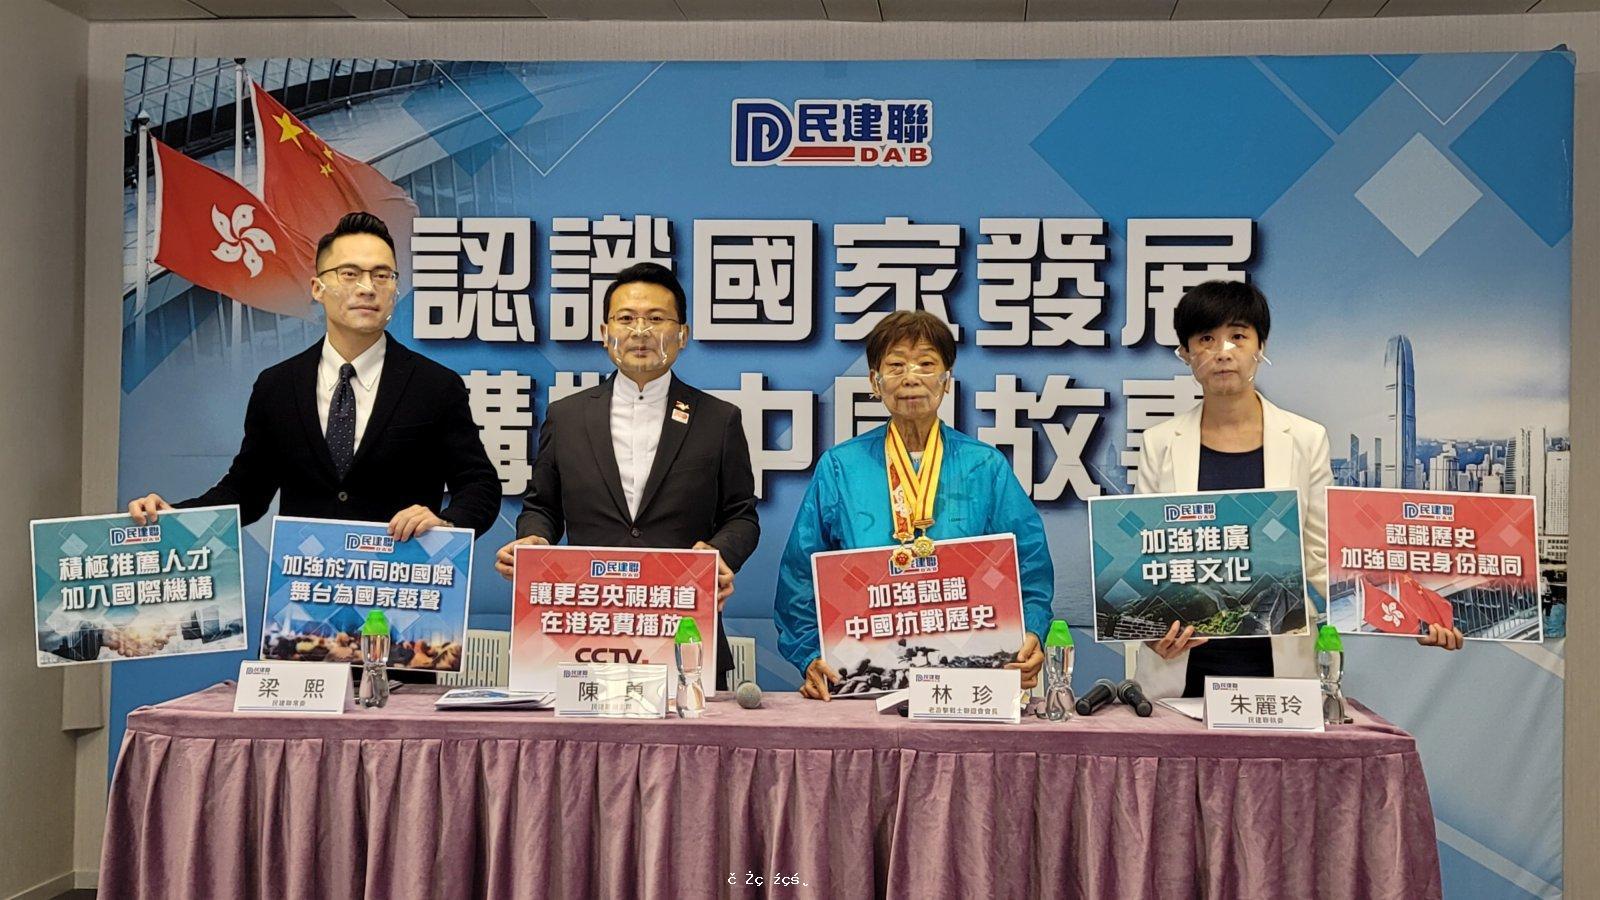 民建聯提「講好中國故事」倡議 促港府助市民認識國家發展